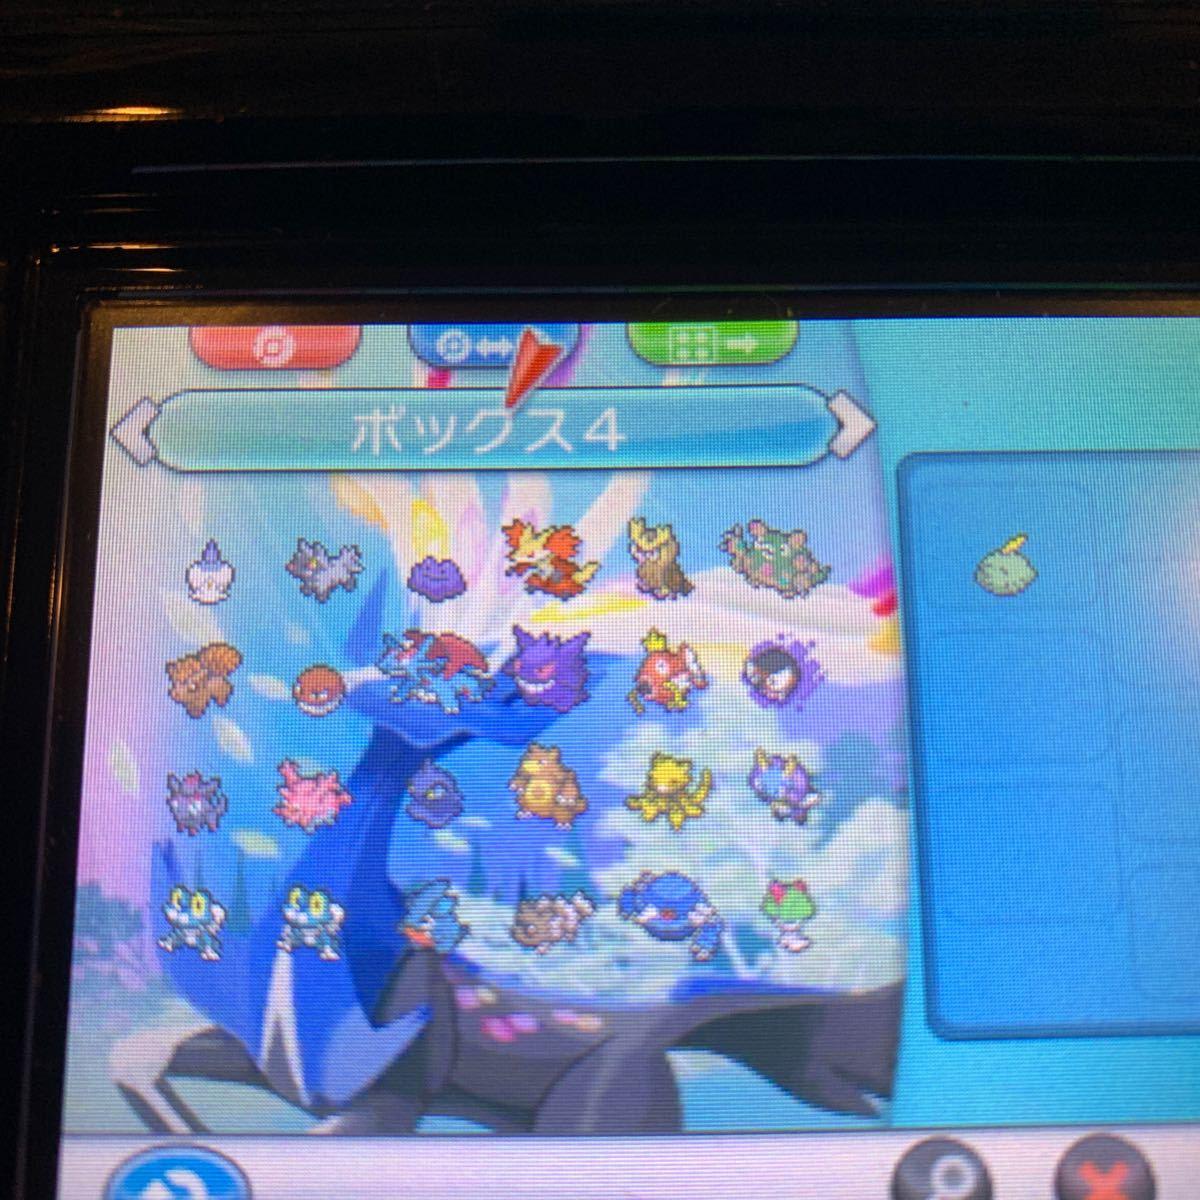 ポケットモンスターX 3DS ポケモン 任天堂 ソフト 任天堂3DS